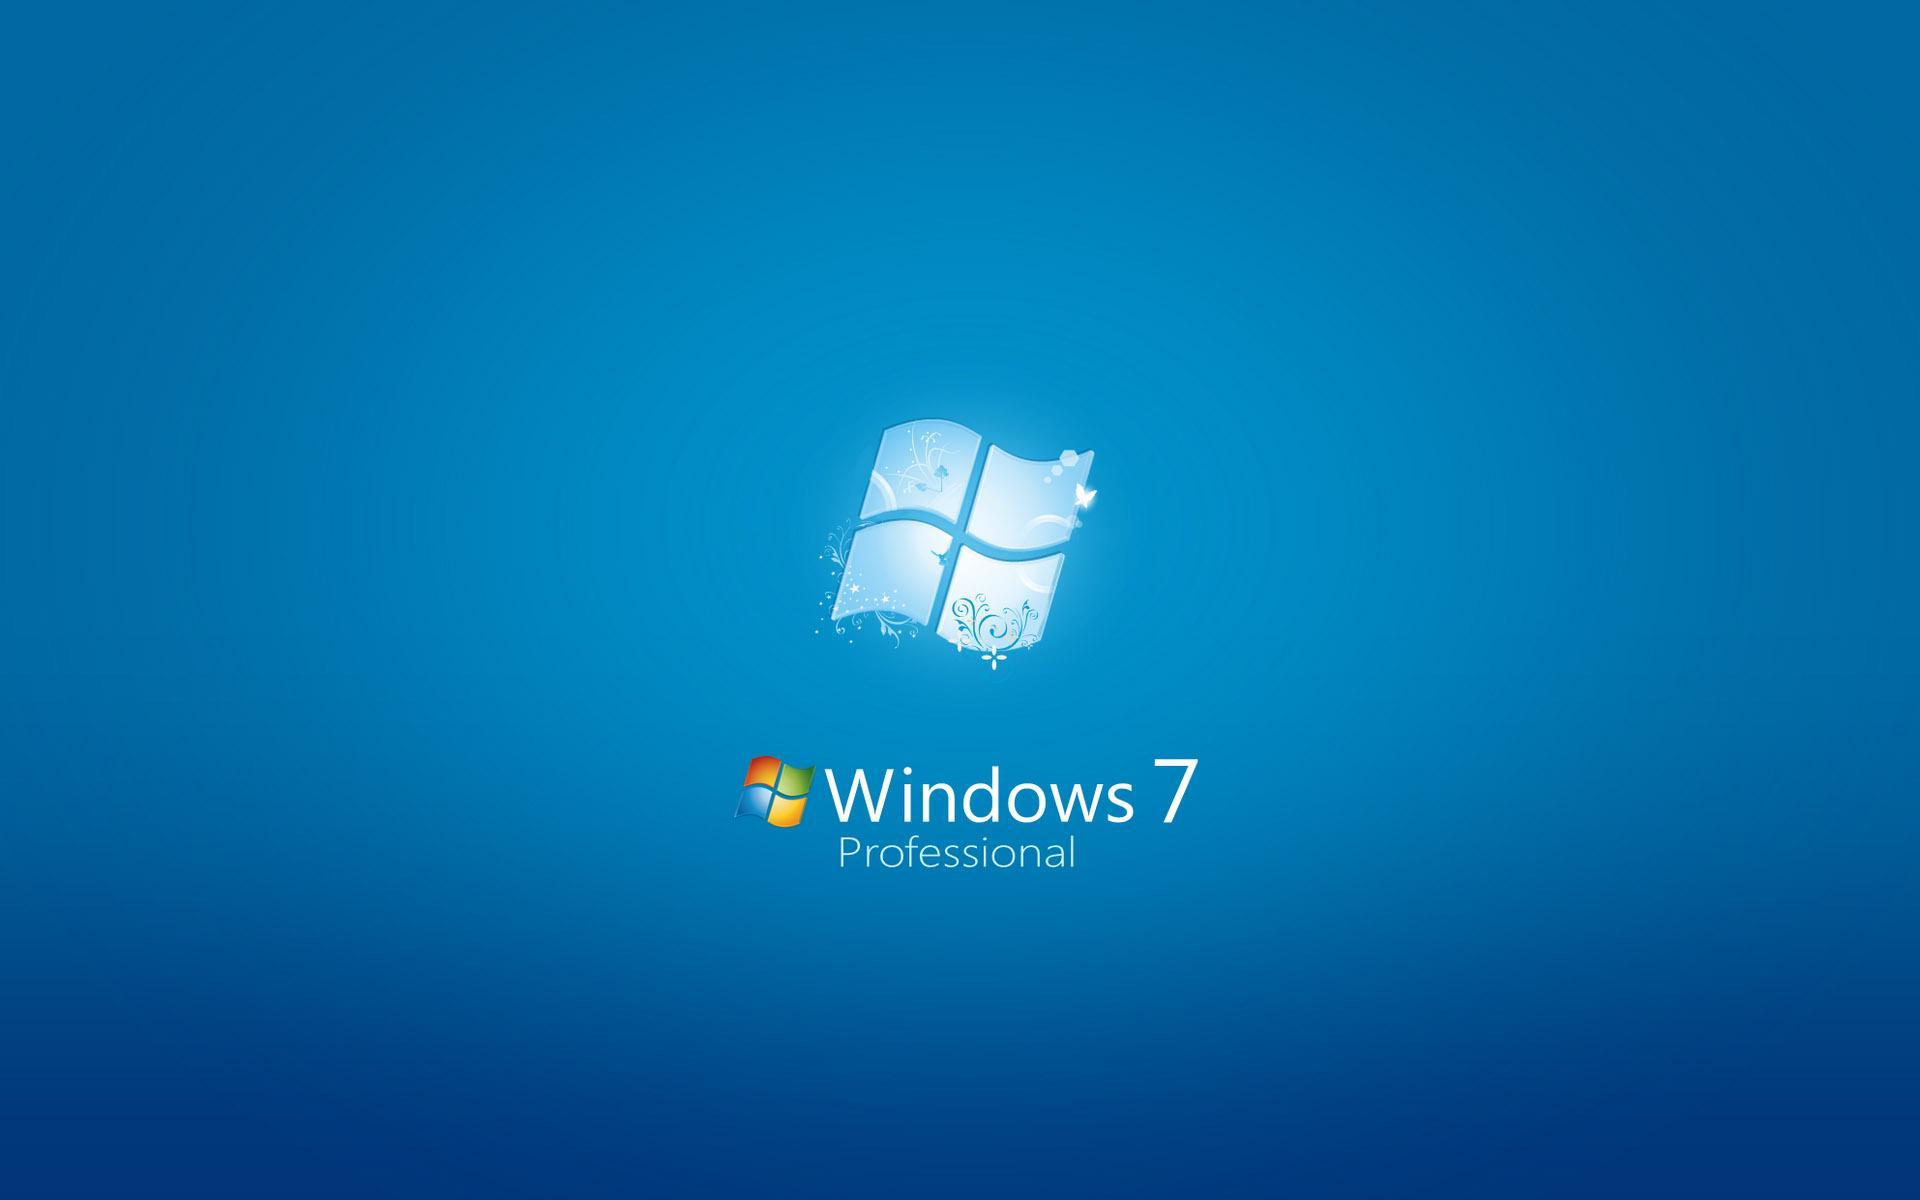 бесплатные обои для windows 7: